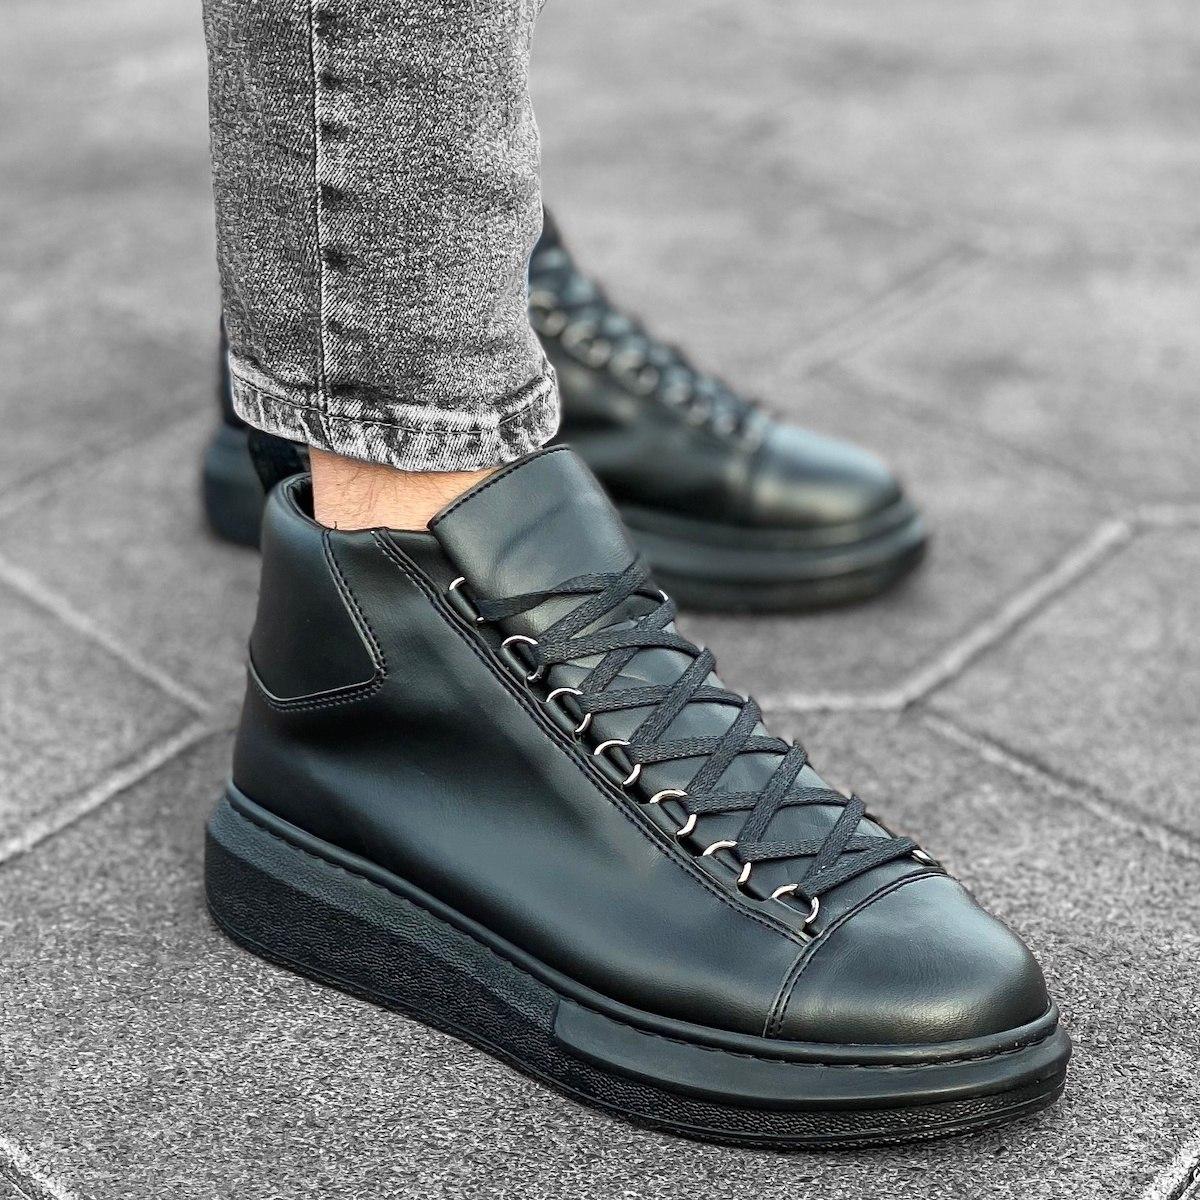 Heren High Top Sneakers Schoenen Zwart